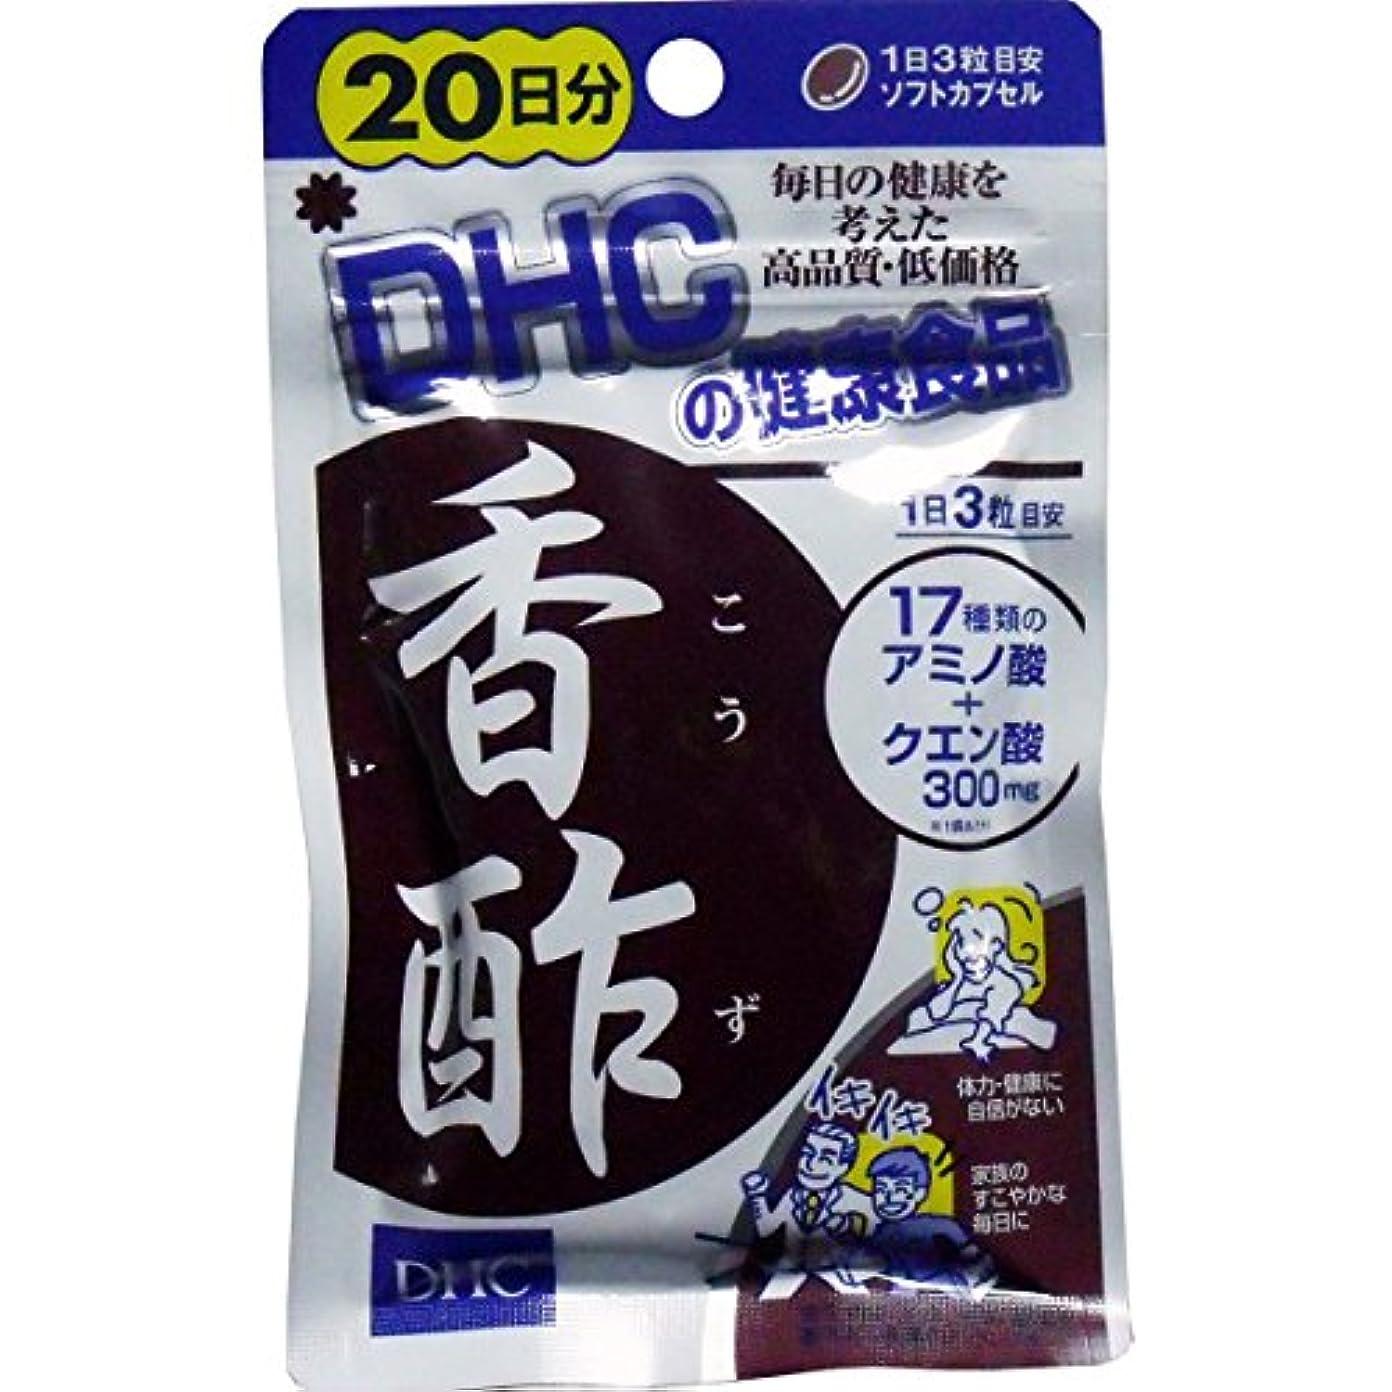 落胆させる酒請求可能DHC 香酢 20日分 60粒入